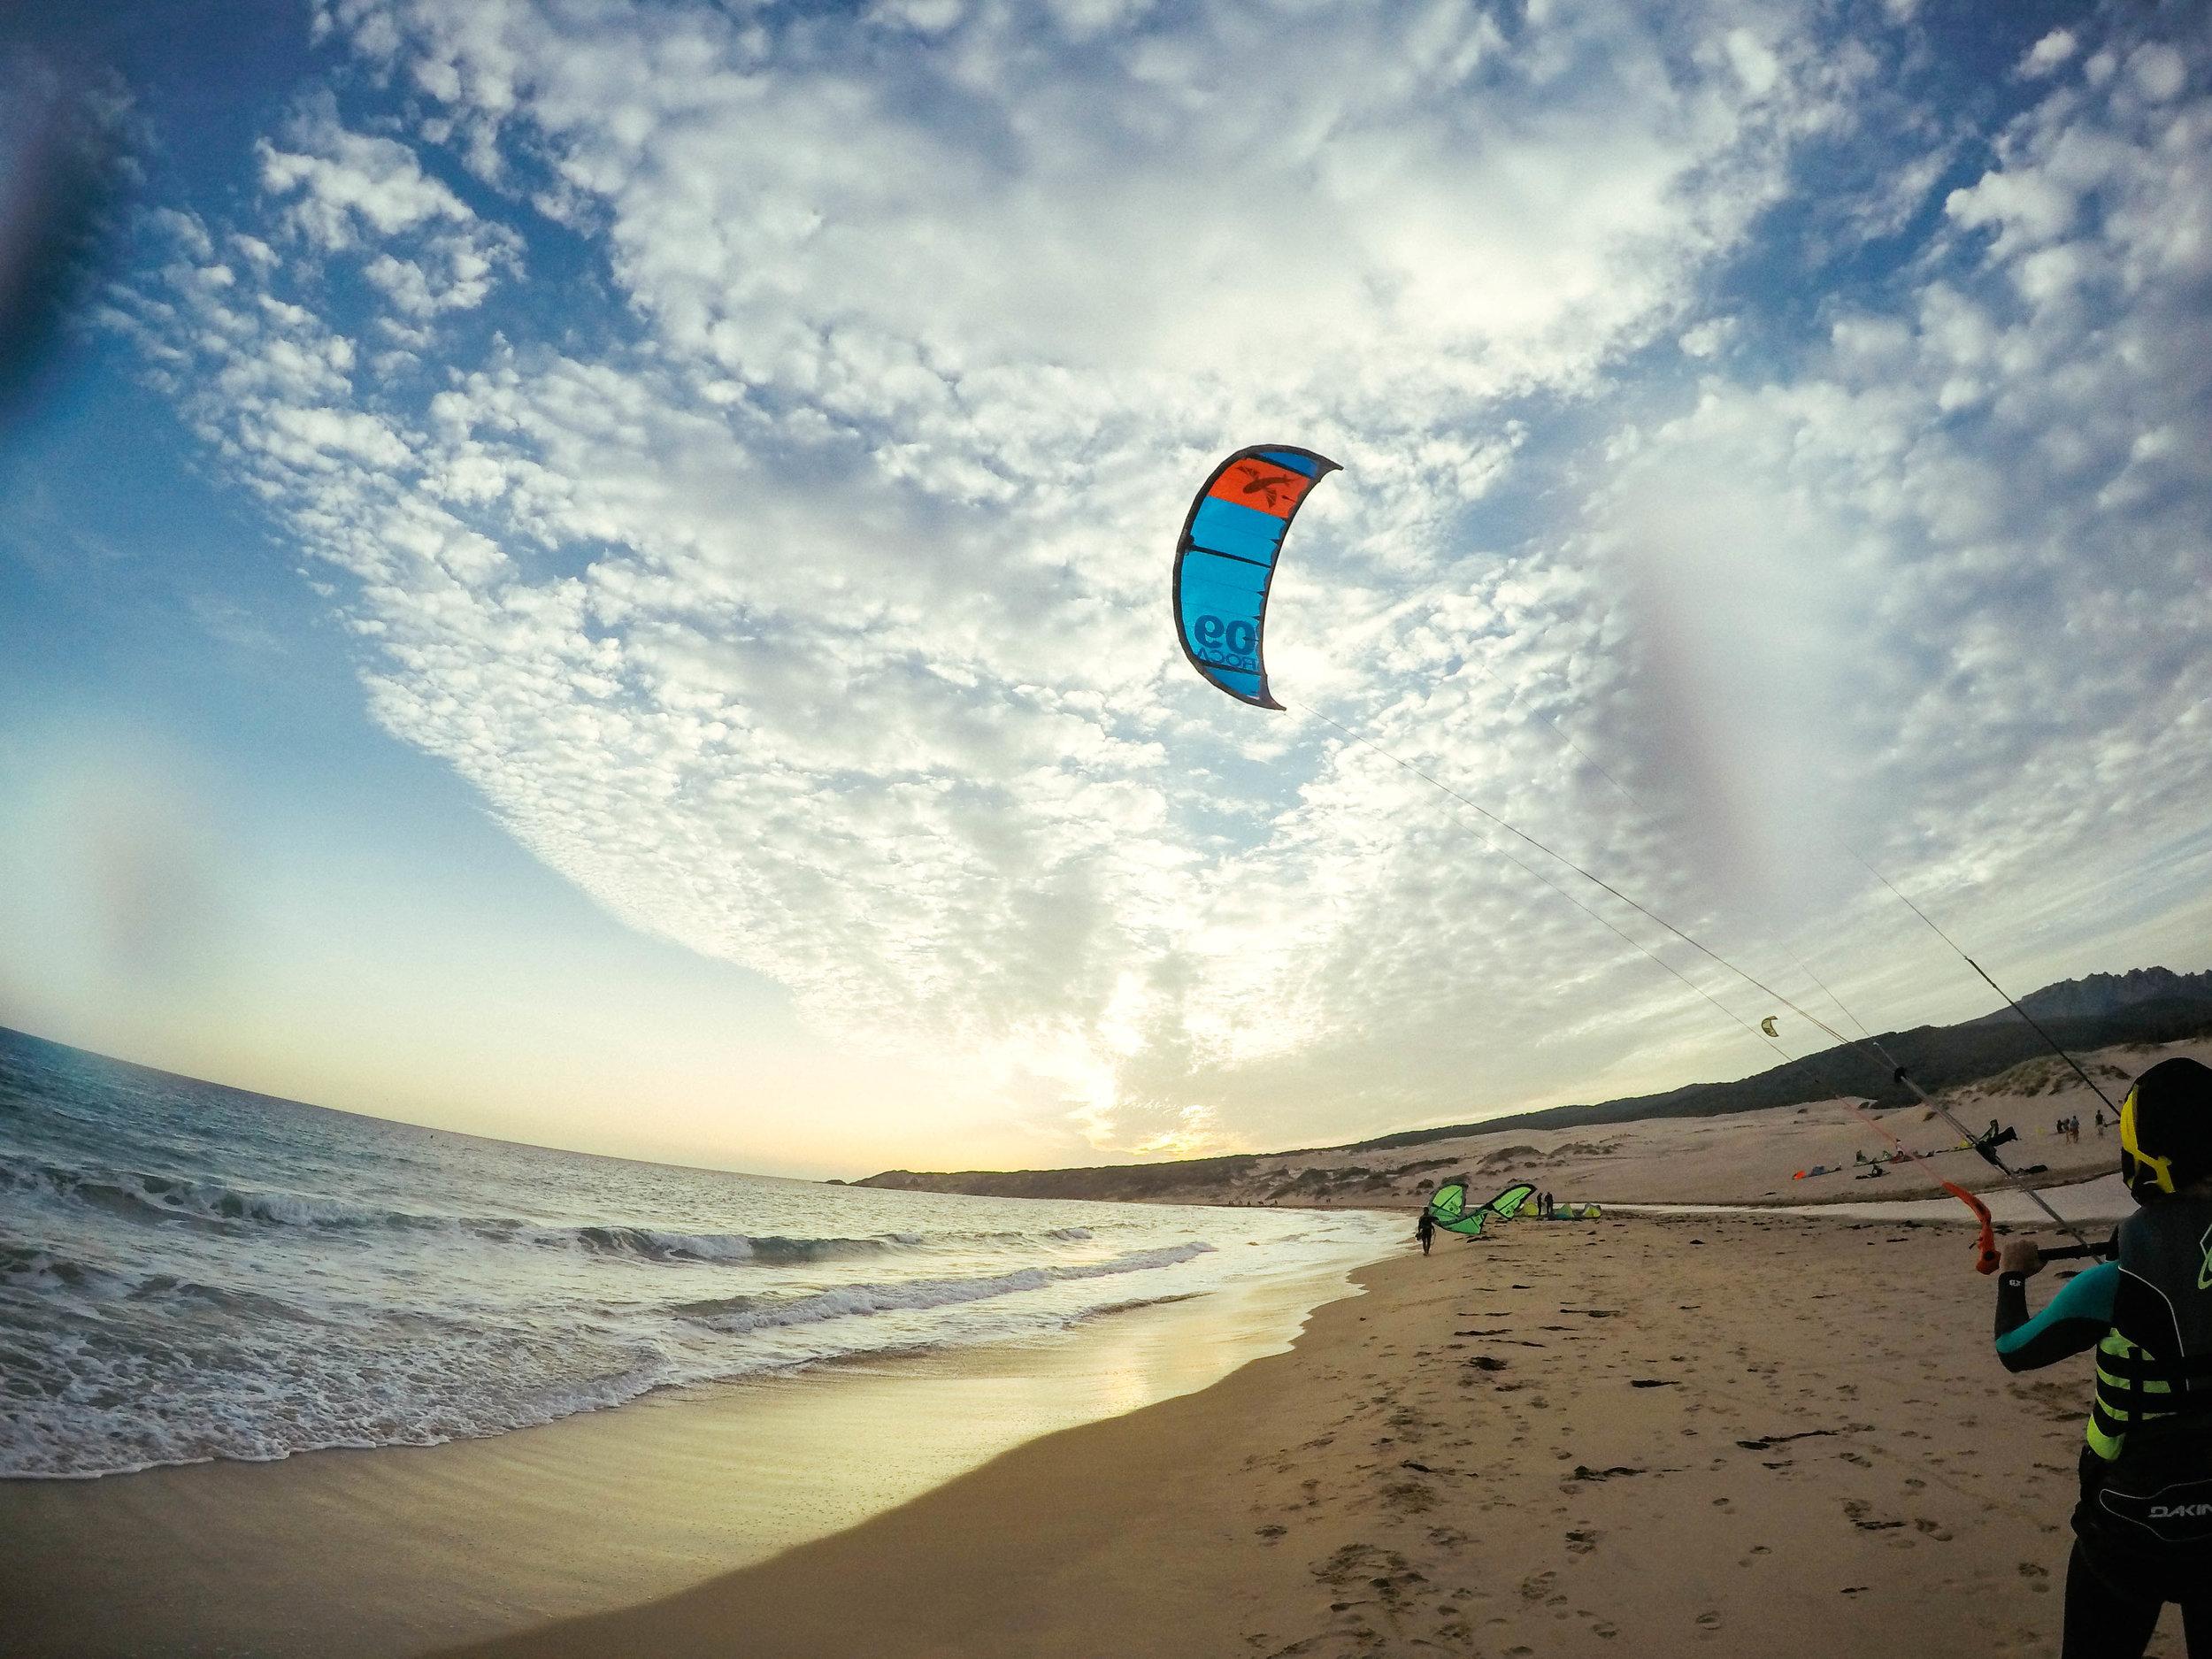 Kitesurfing Tarifa, Spain. GoPro Sunset.